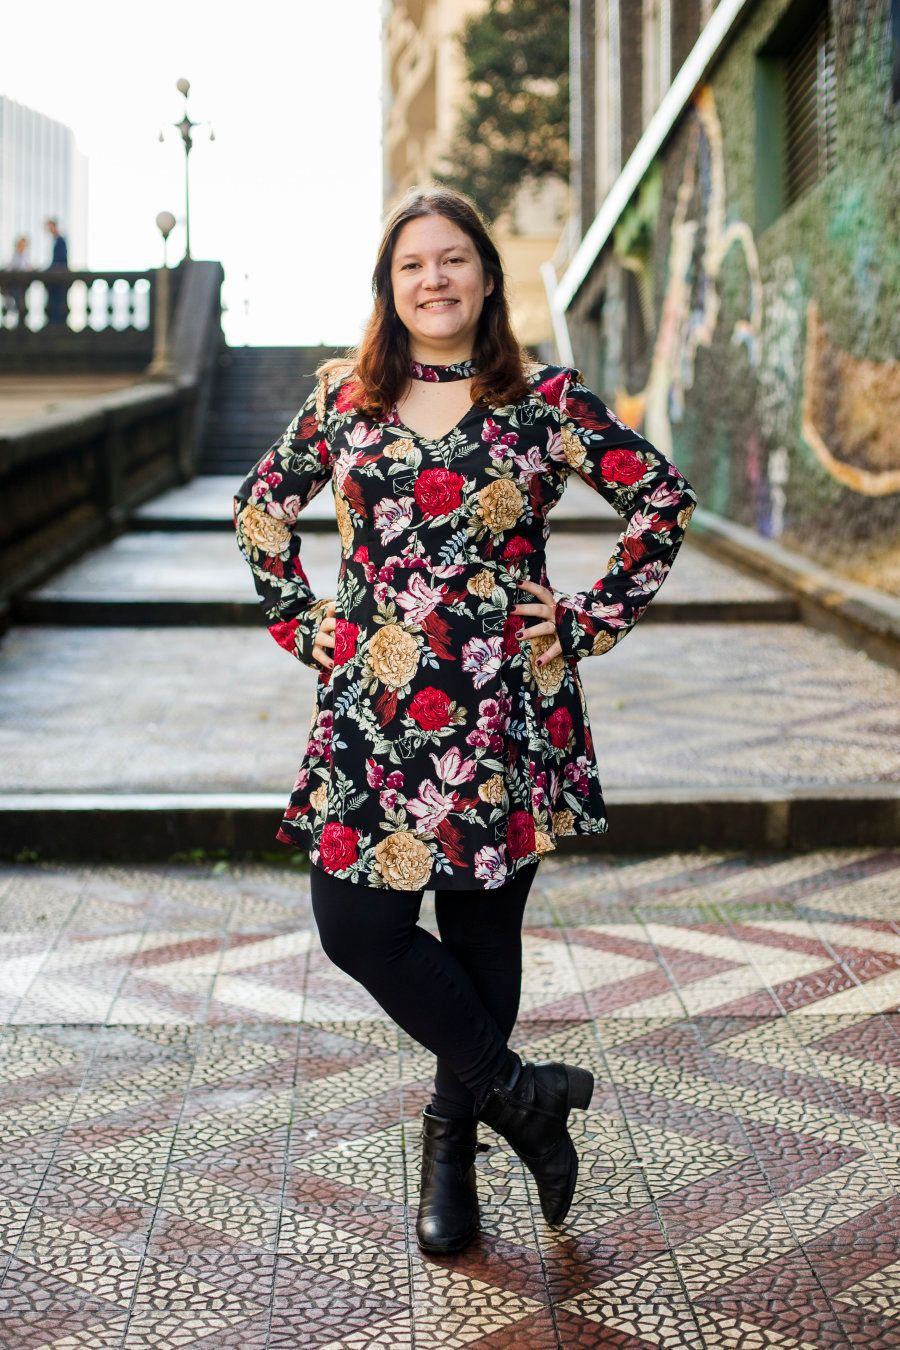 Carolina Soares rejeita o jeito de fazer política tradicional, via partidos, e aposta na mobilização...